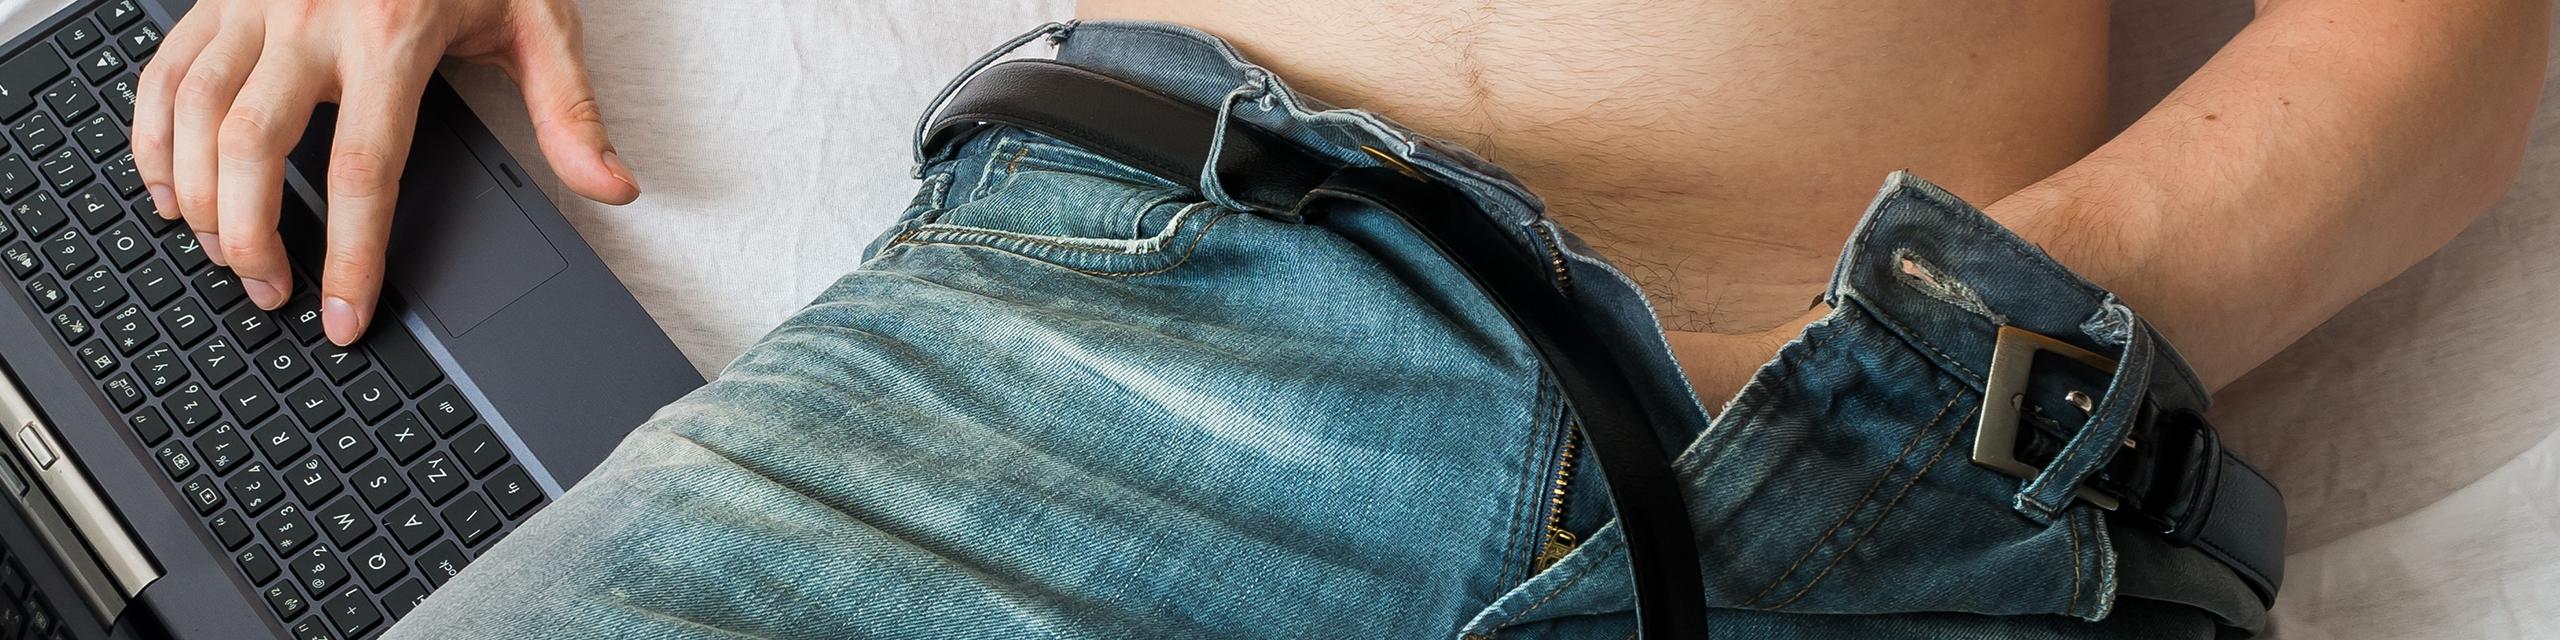 Echt gebeurd: universiteit vraagt studenten om meer te masturberen